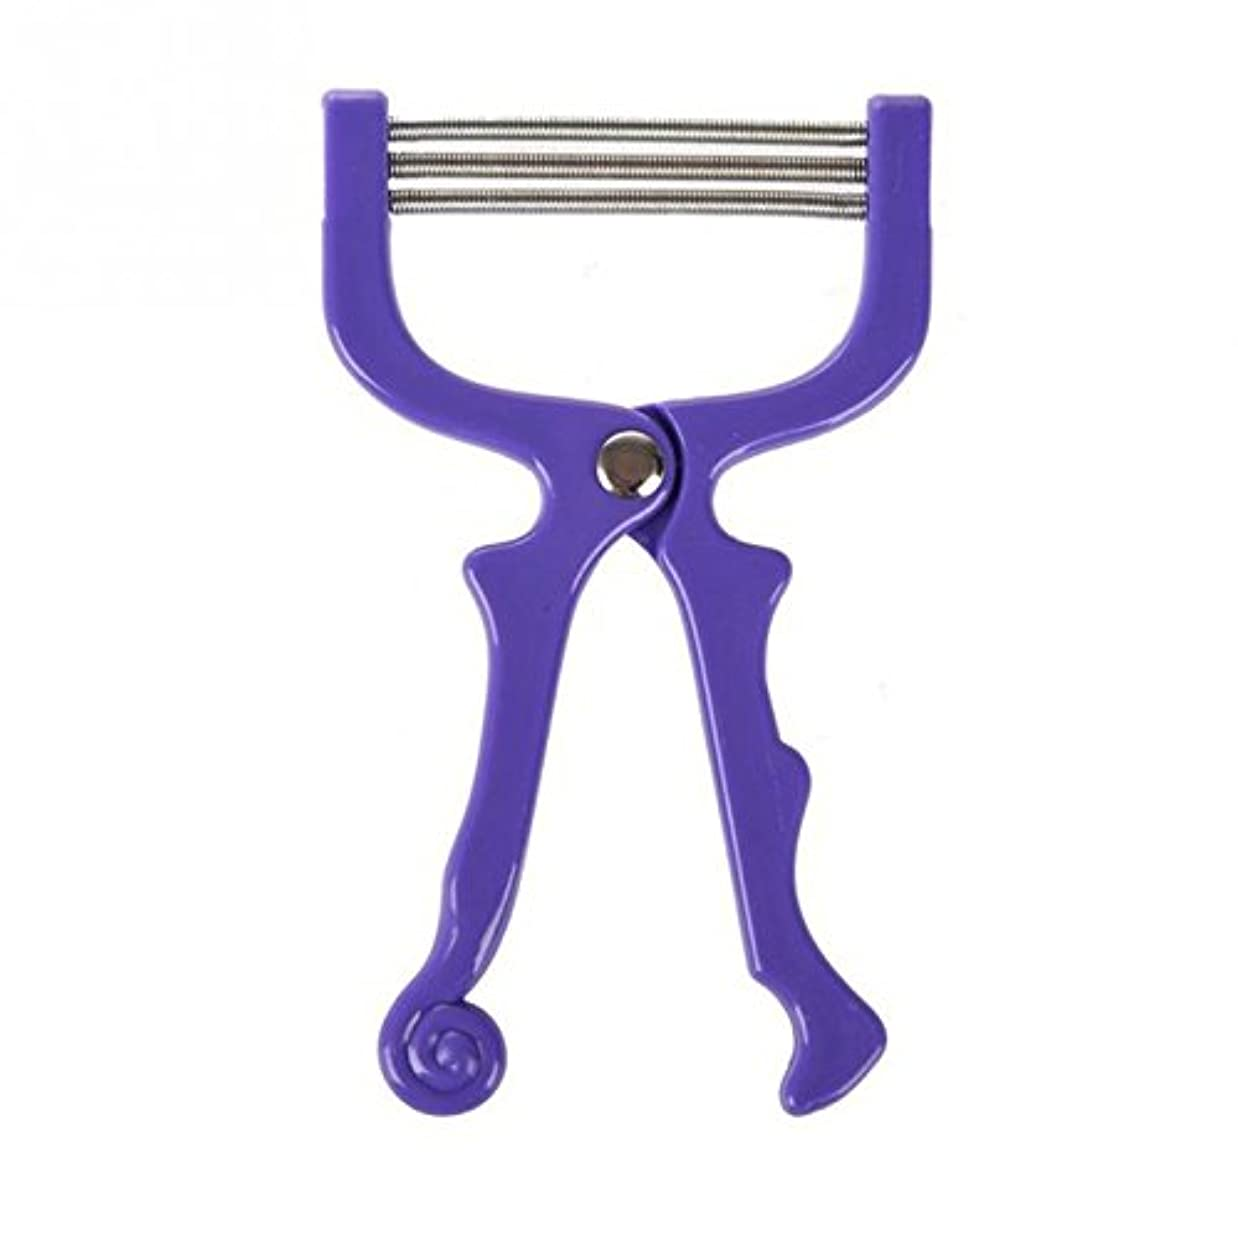 慎重ハイランドカーテンACAMPTAR 新しい フェイシャル ヘア フェイス 毛の除去工具 スレッディング 美容ツール、パープル